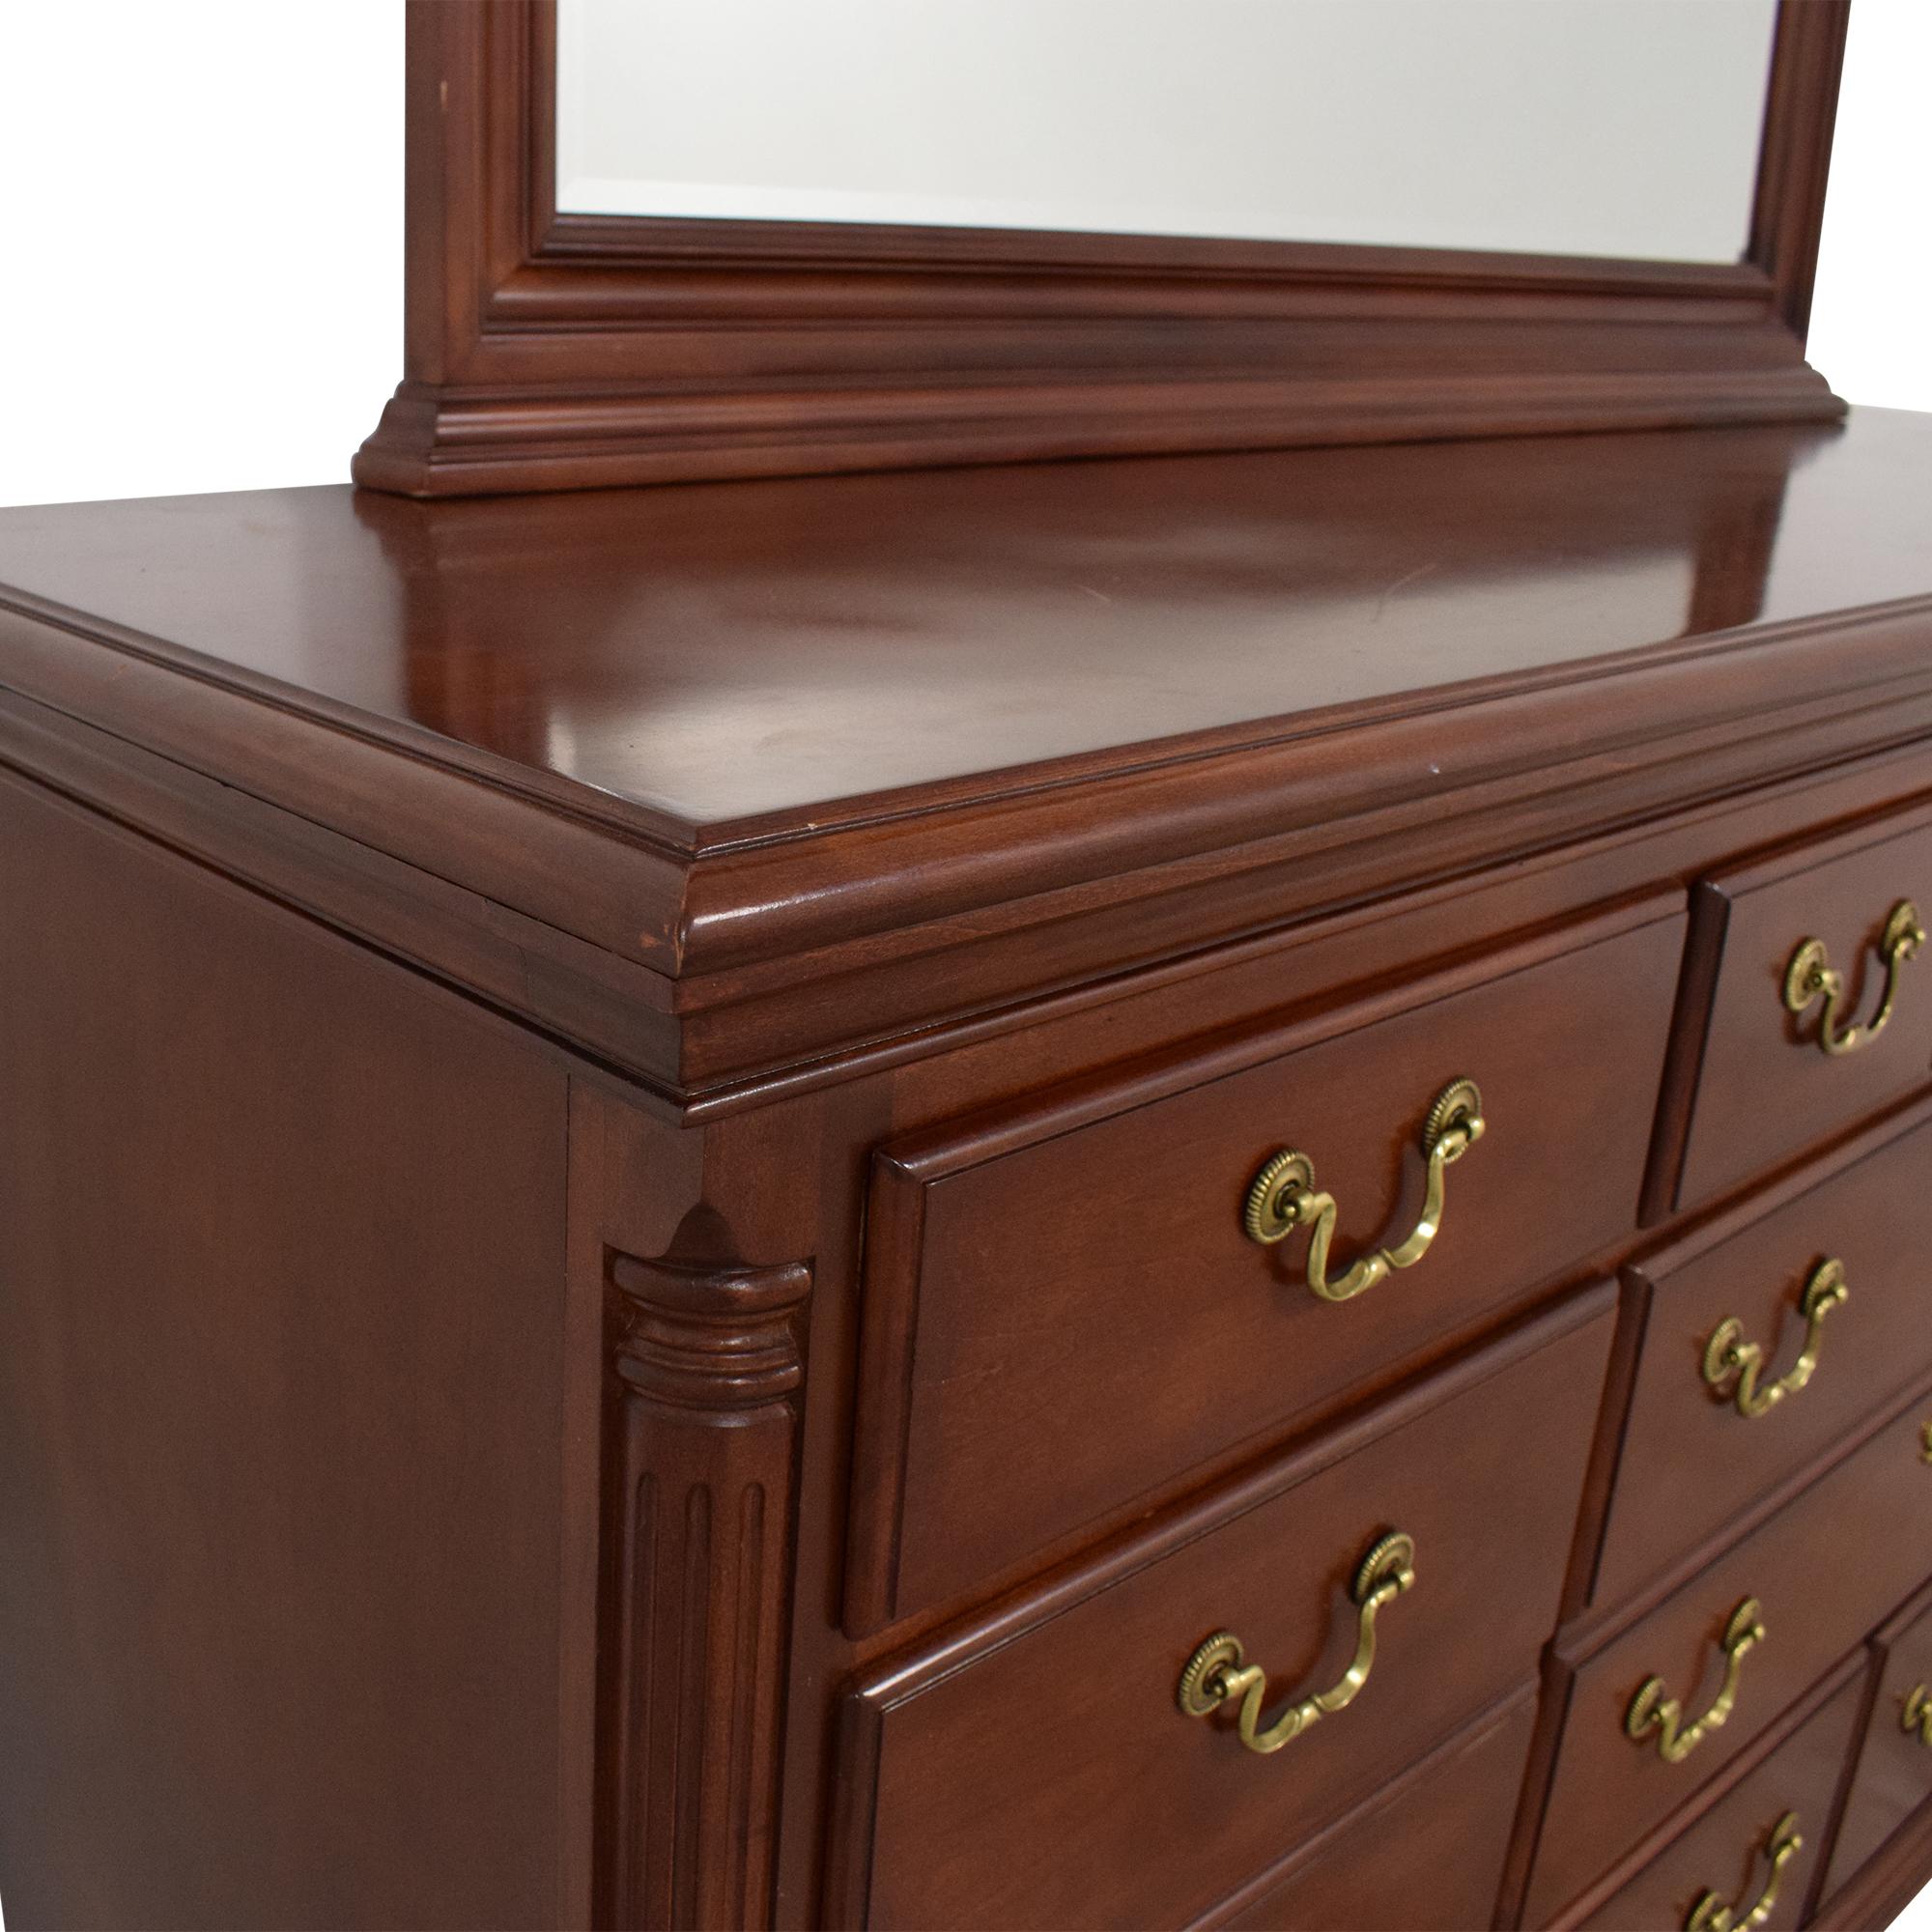 Thomasville Eight Drawer Dresser with Mirror / Dressers